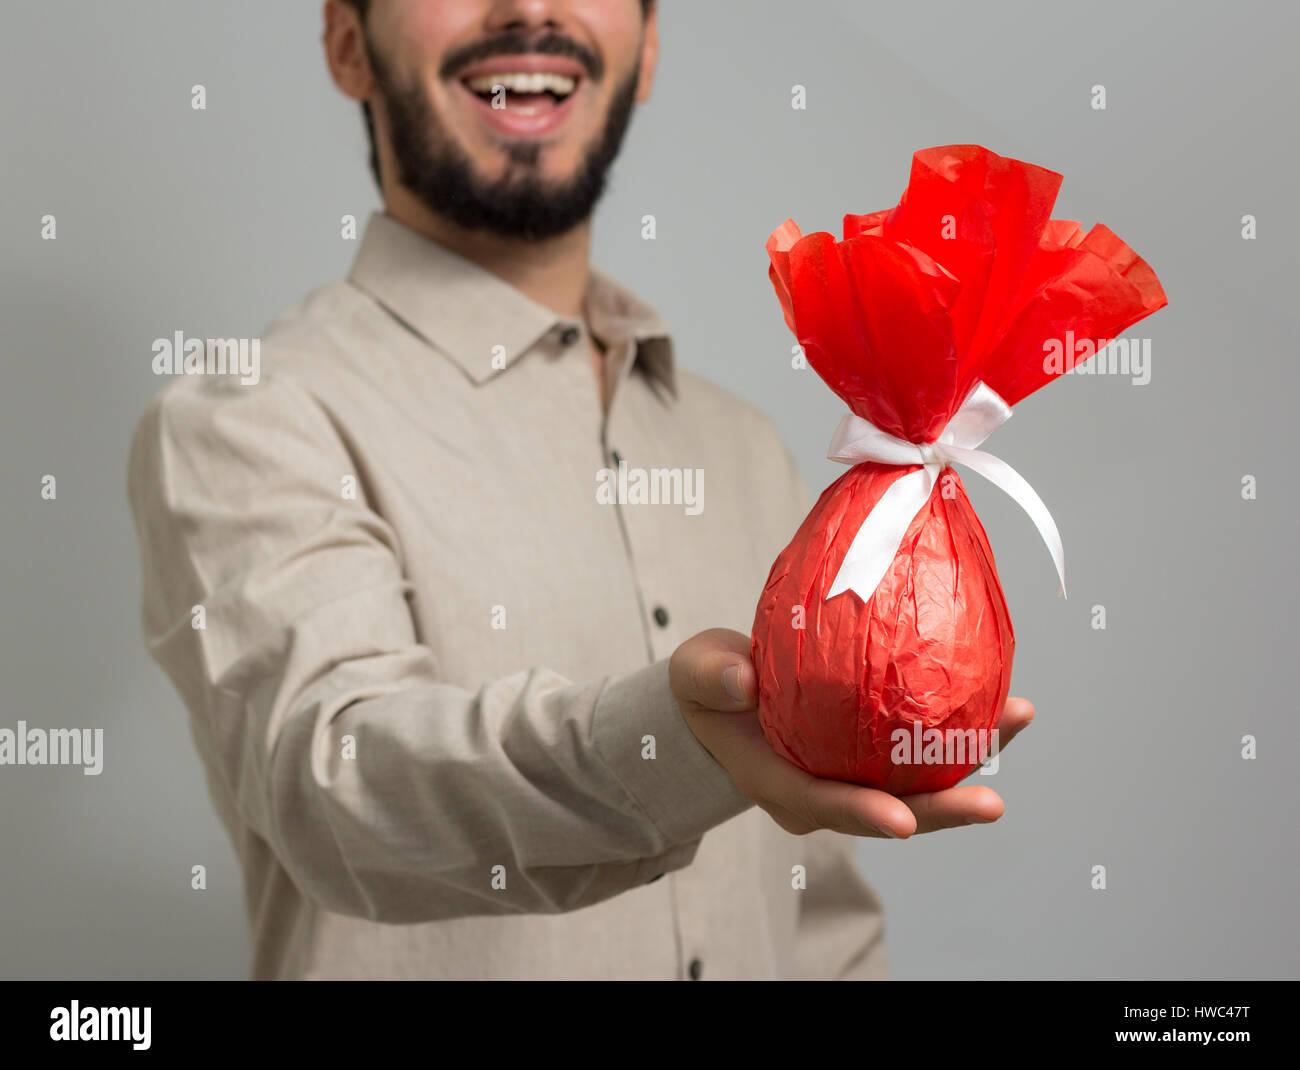 Jeune homme présente des oeufs de Pâques, emballés dans du papier rouge. Homme portant un Slim shirt Photo Stock